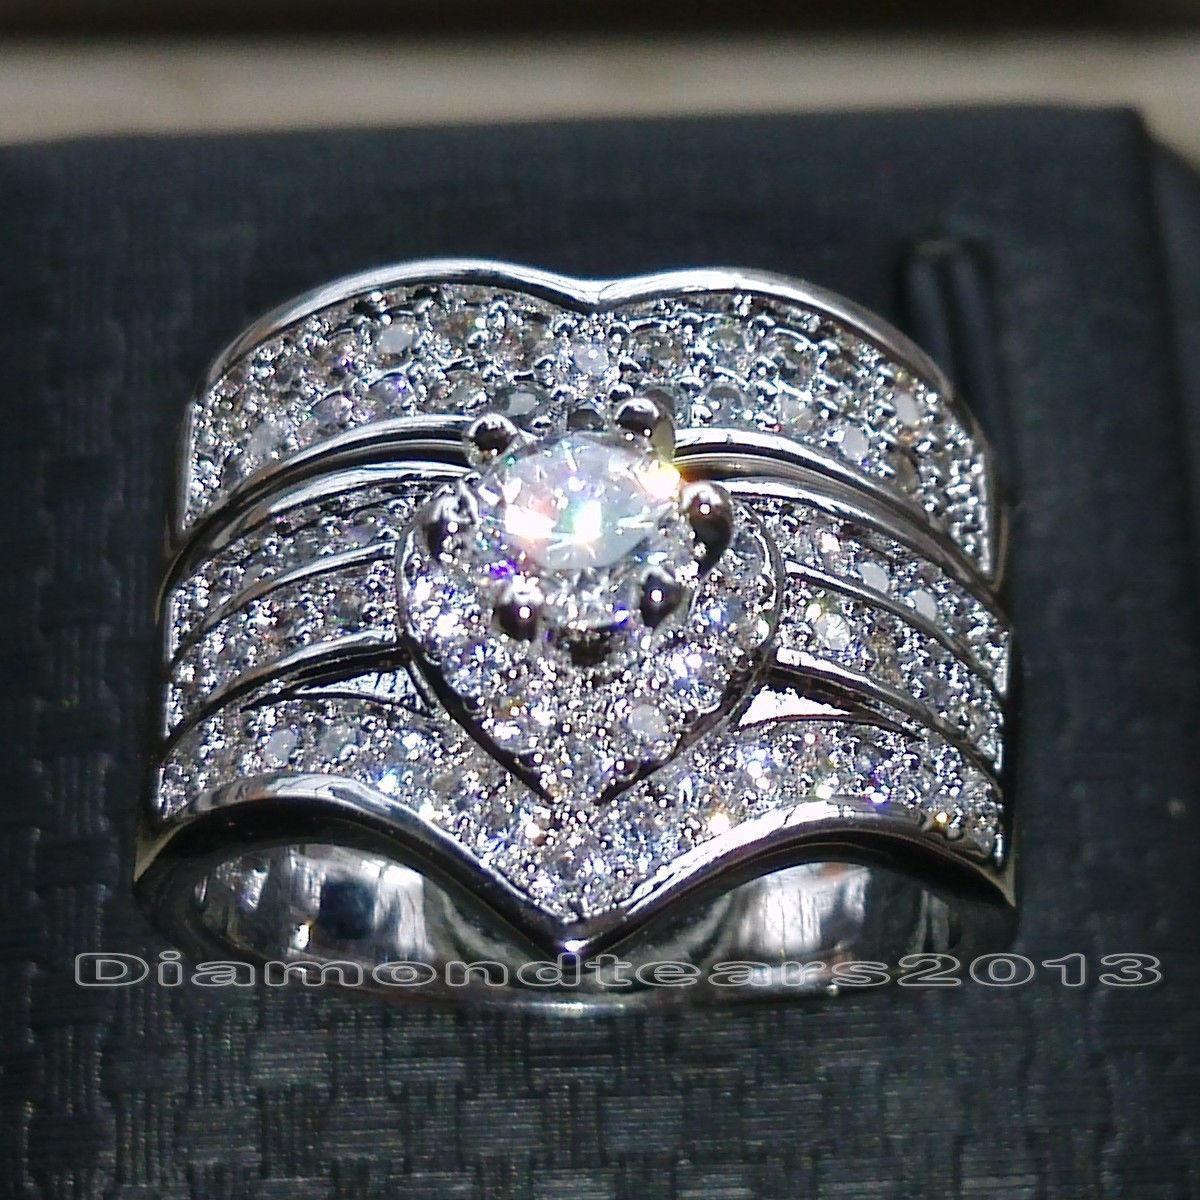 oro bianco Victoria Wieck monili di lusso di marca Desgin 10kt compilato Taglio dello zaffiro della CZ cerimonia nuziale di diamante anelli nuziali Set per le donne Size 5-11